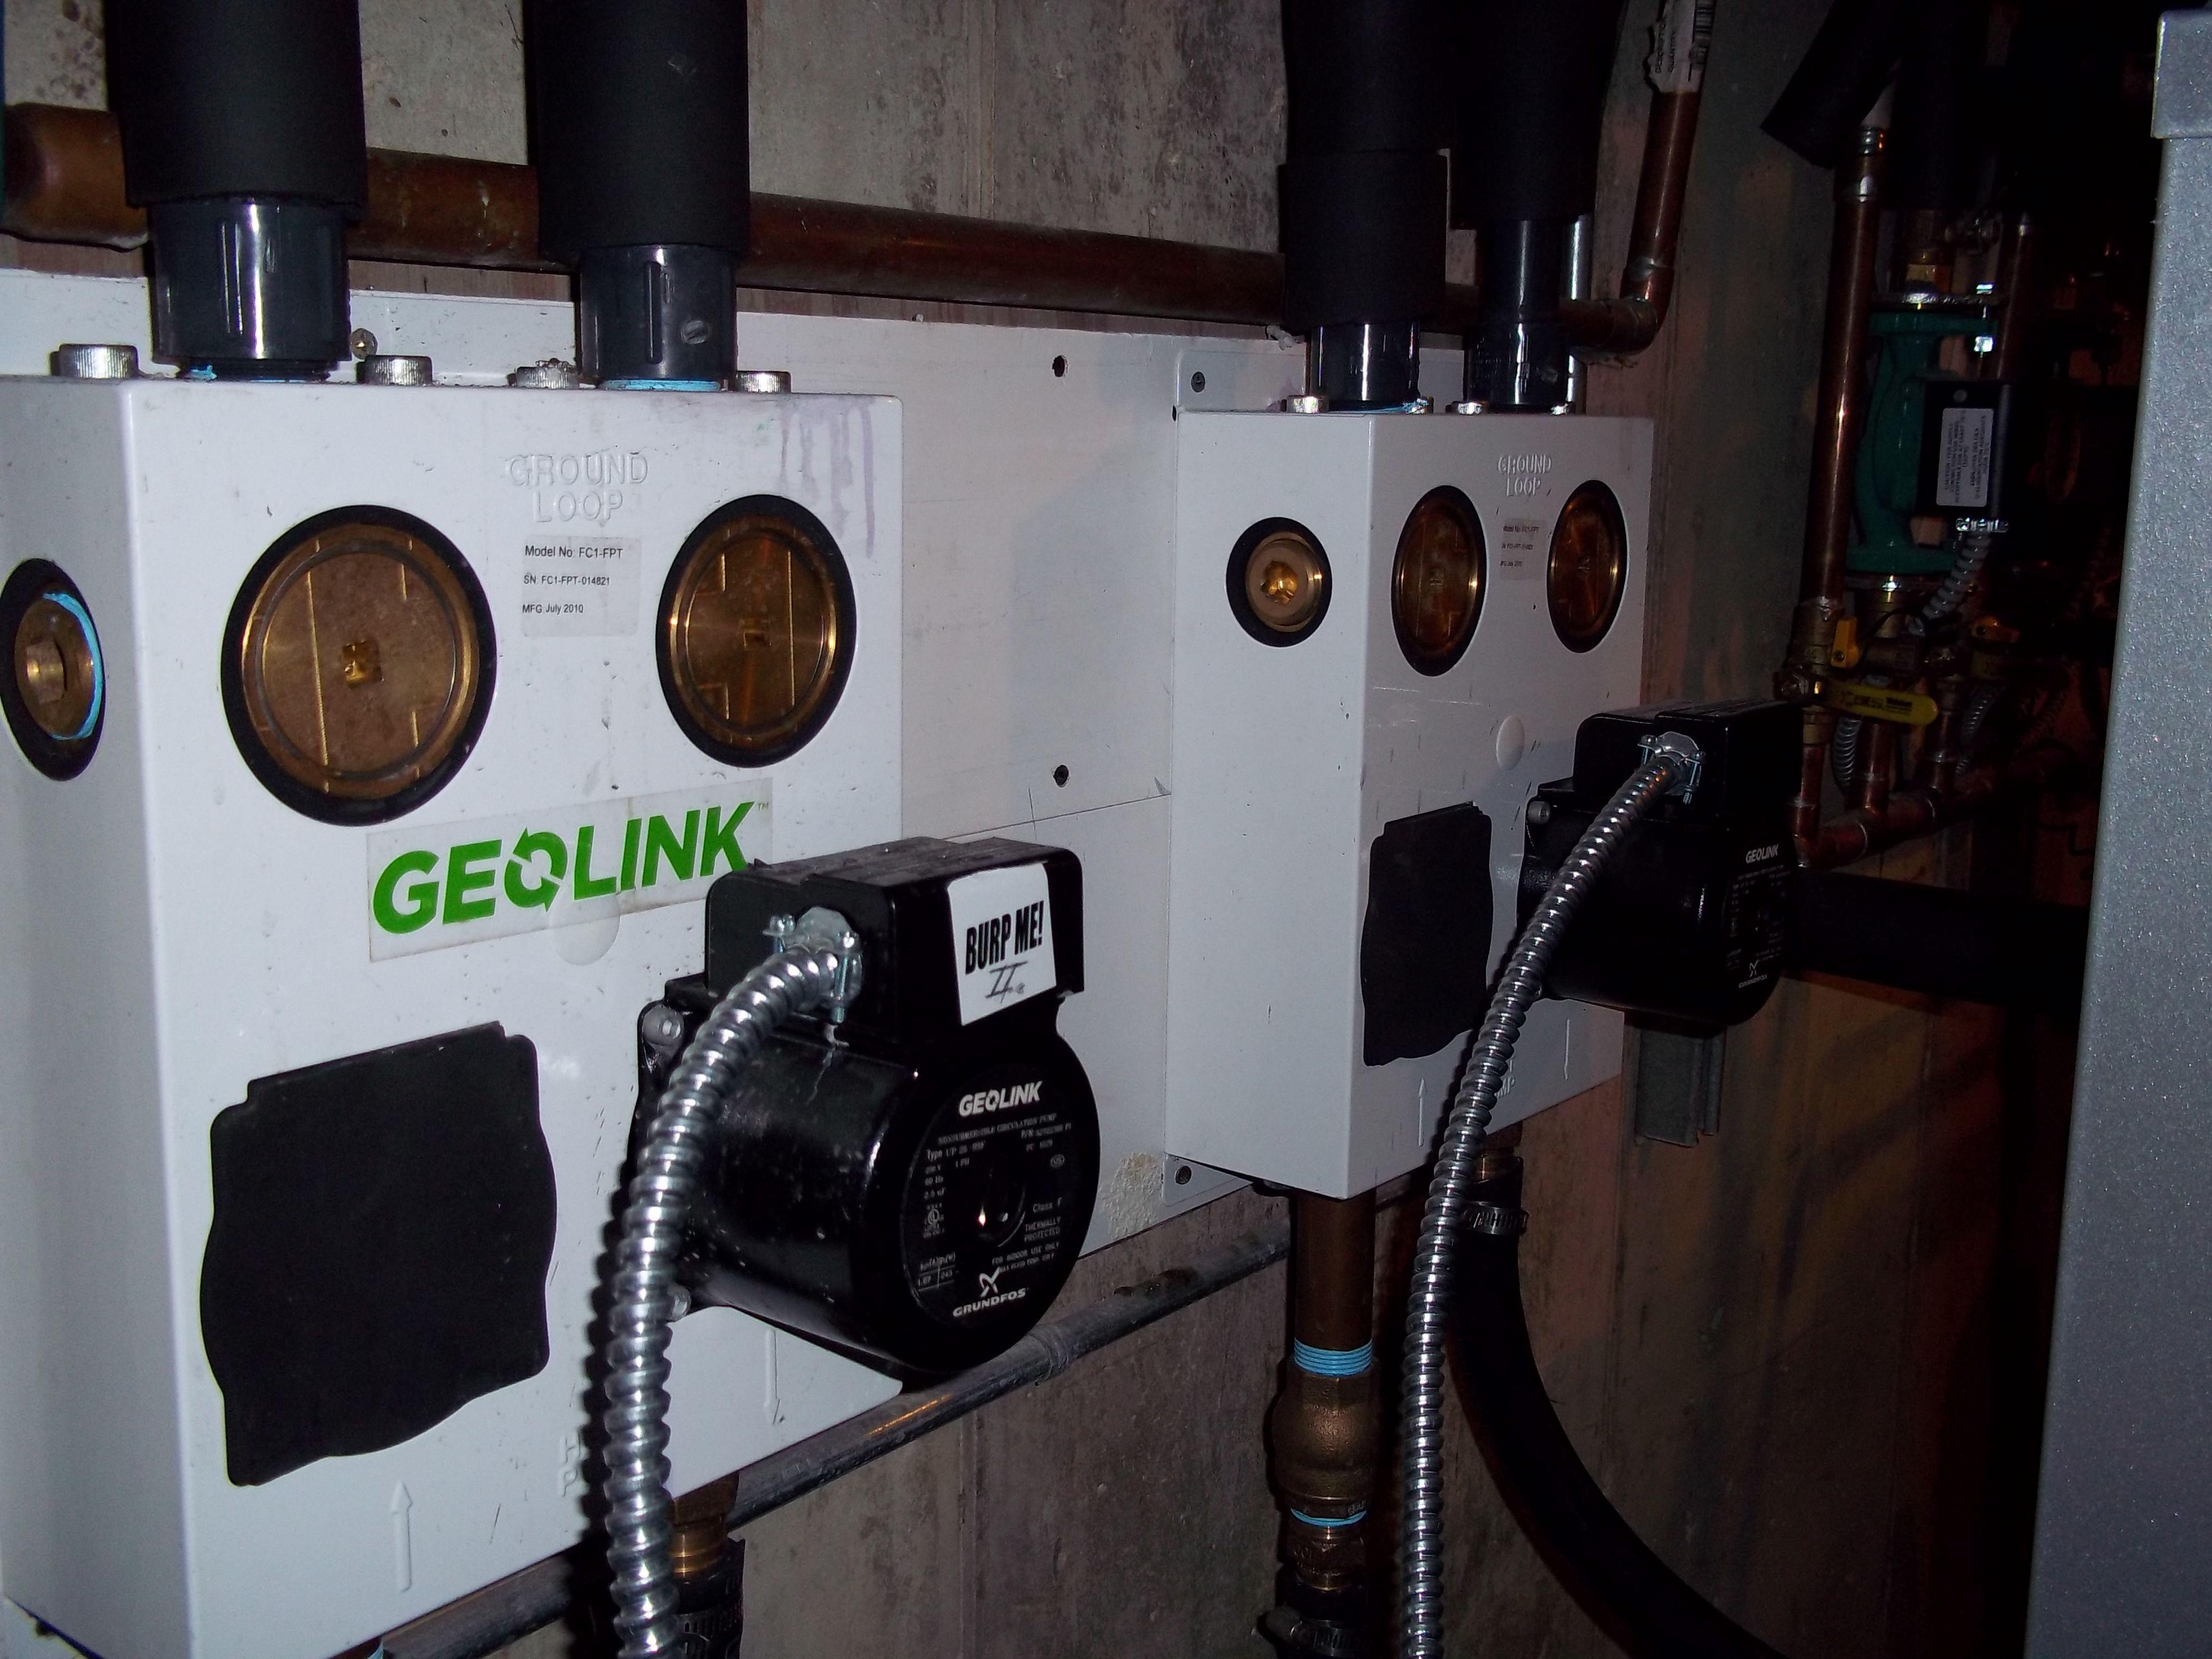 Air Ease Heating And Cooling Geothermalheatpump Geothermal Heating